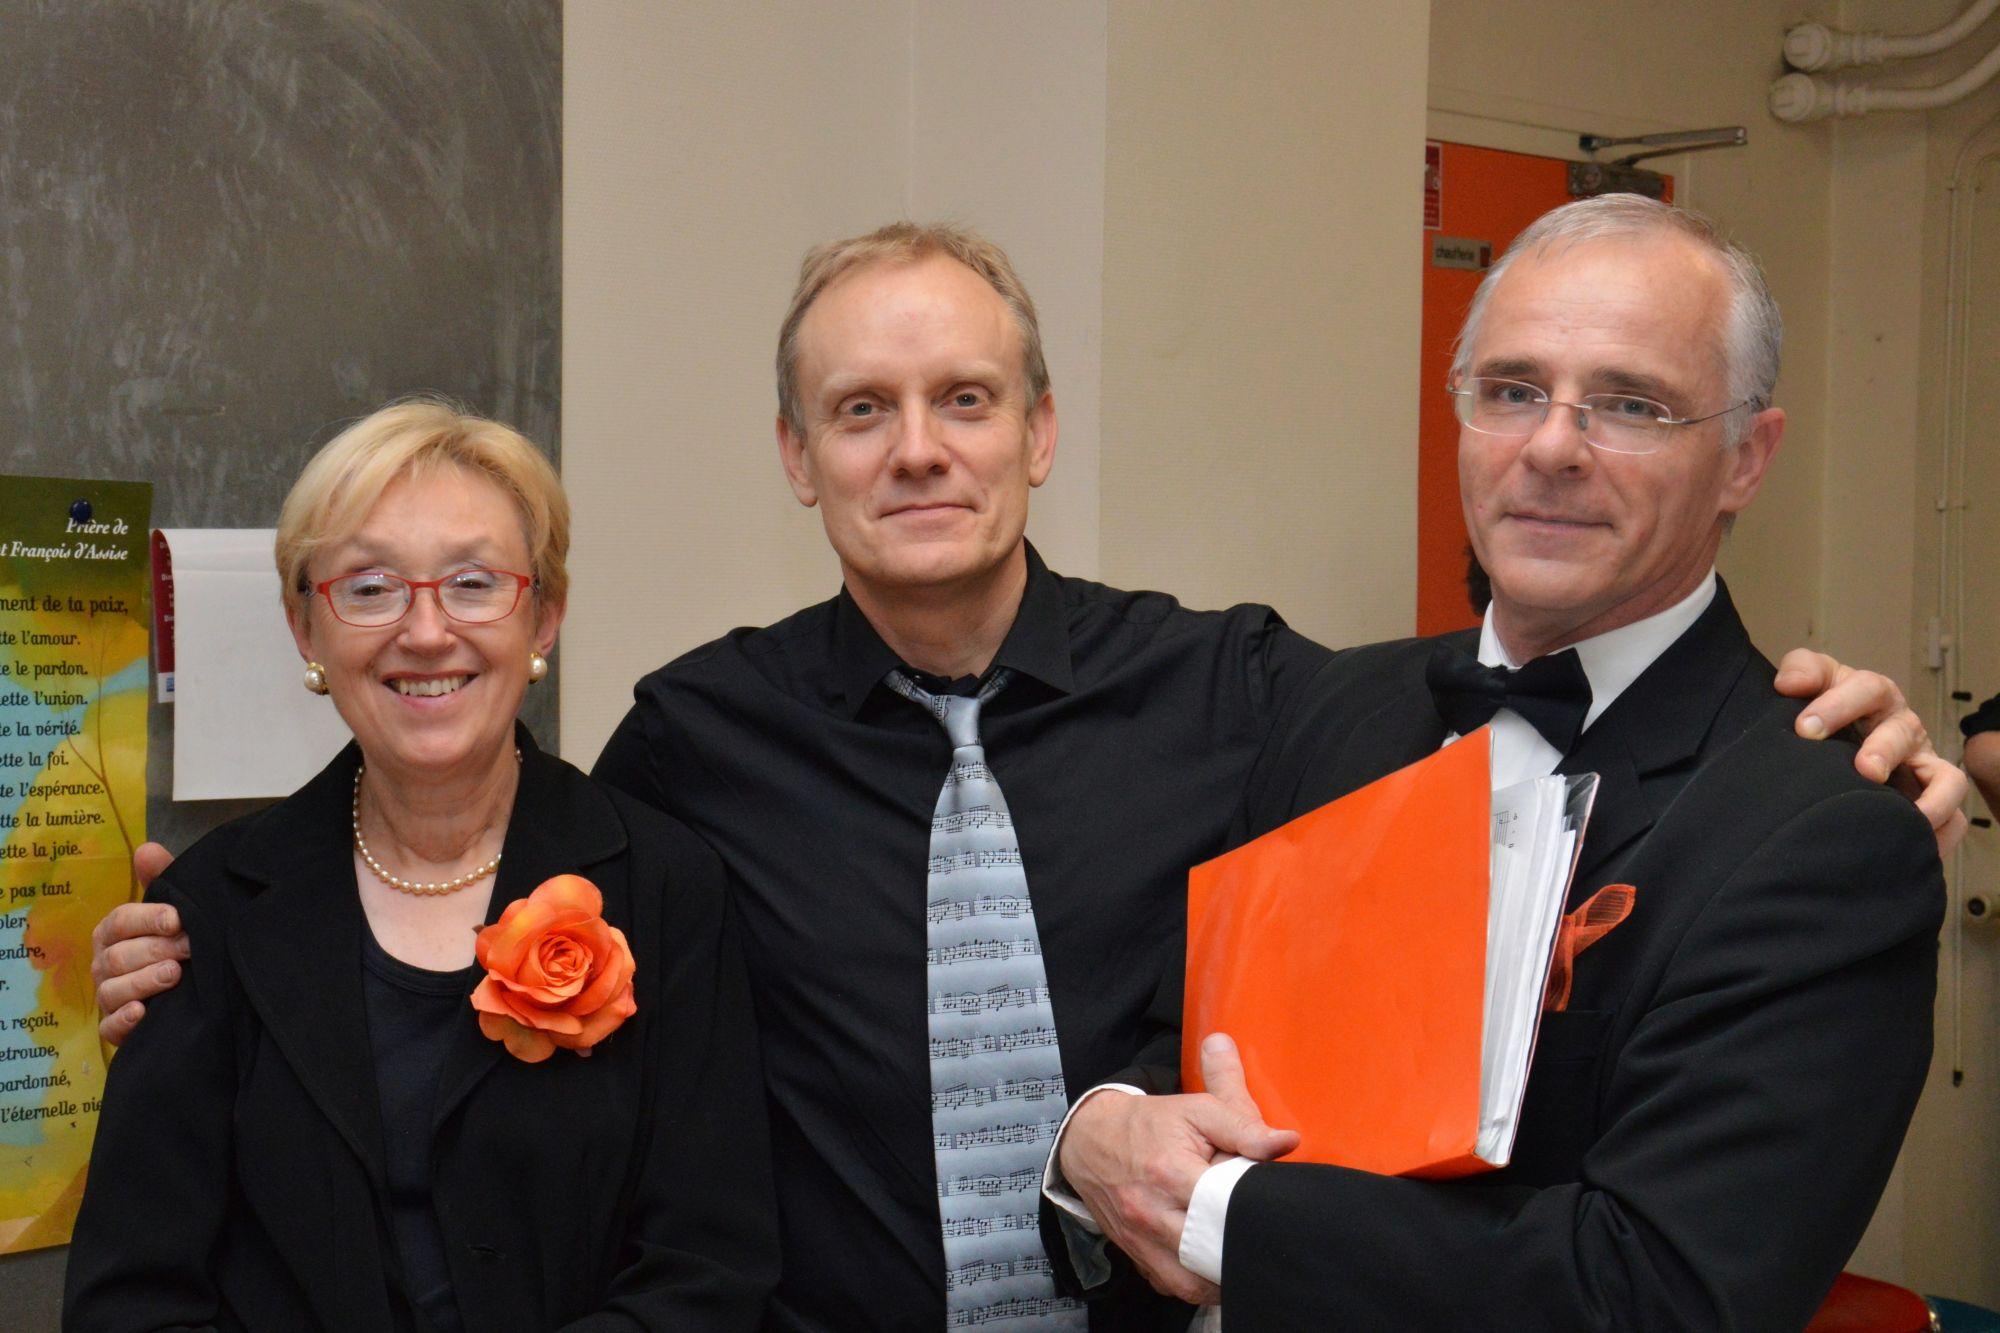 Les trois chefs de chœur